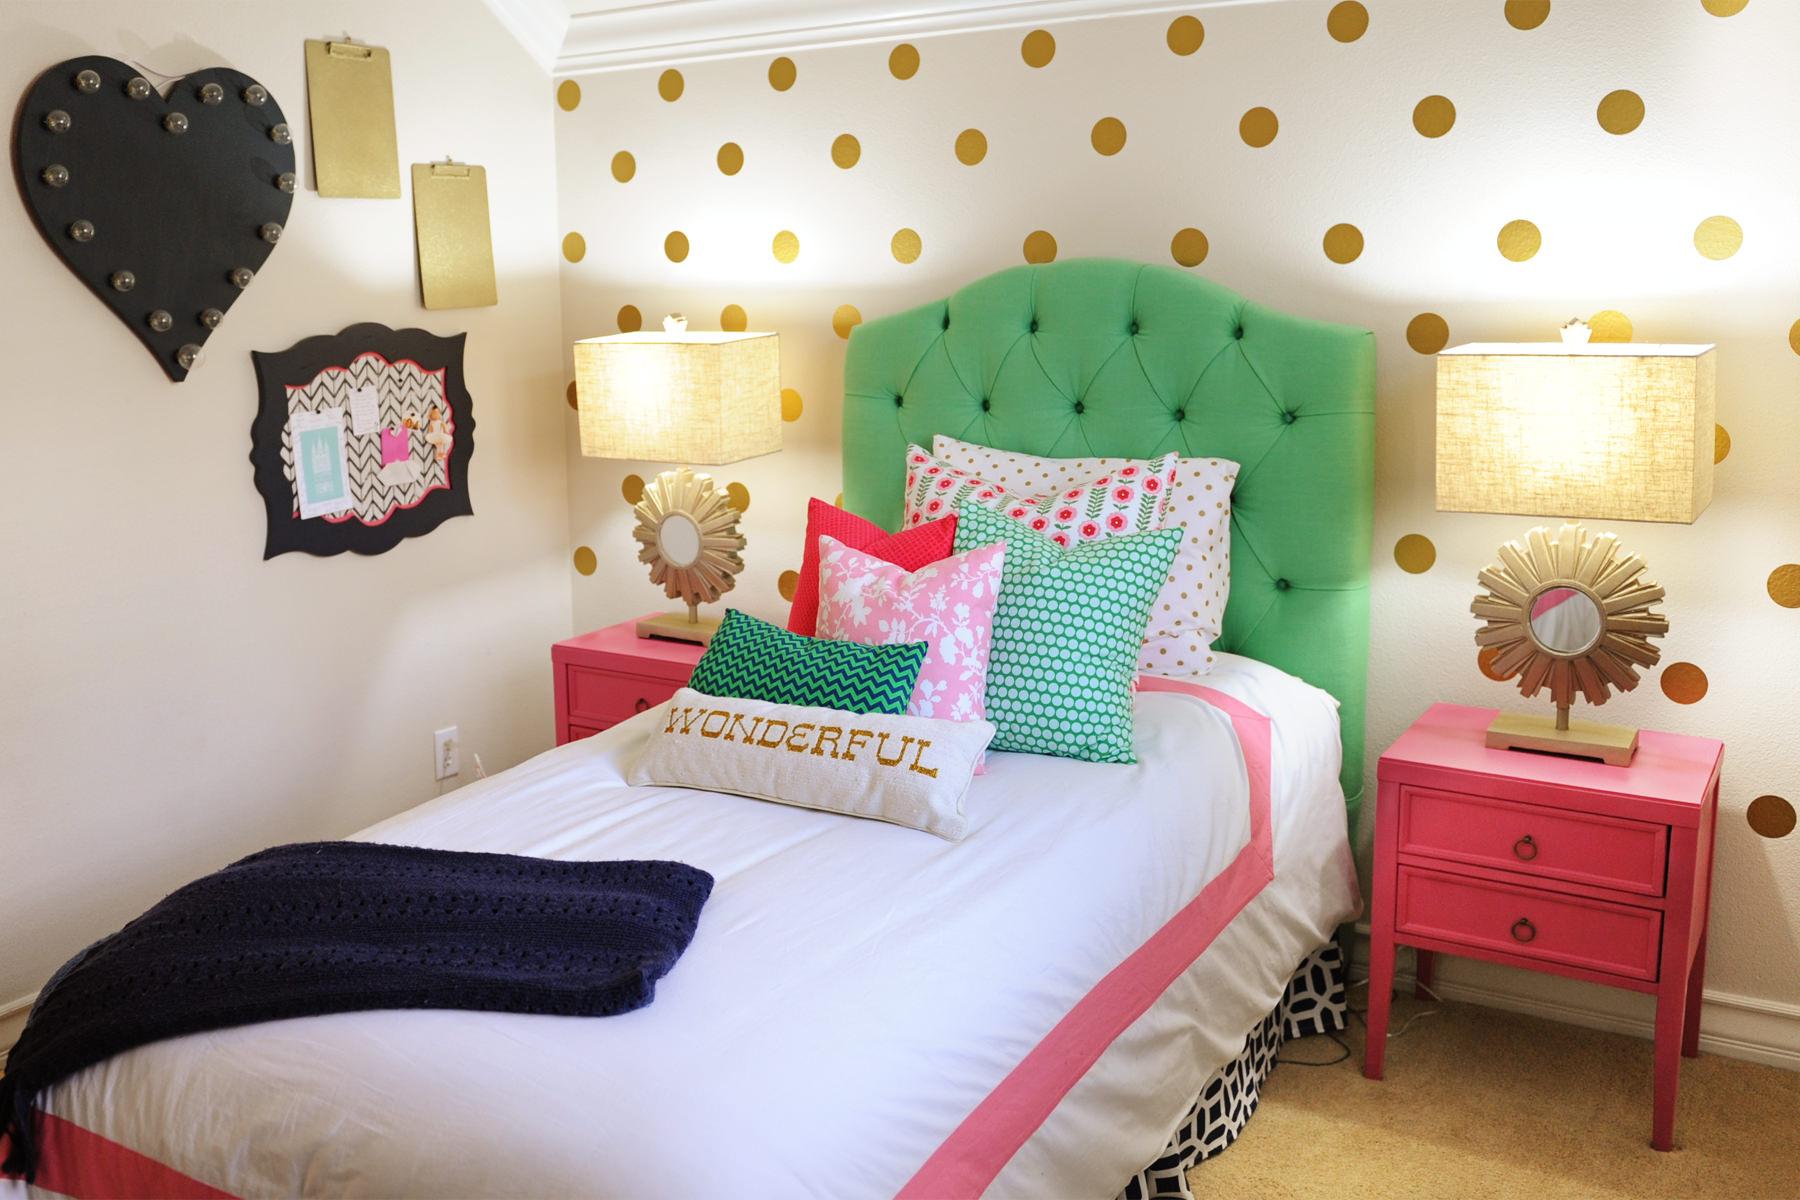 15 Polka Dot Interior Wall Designs Decor Ideas